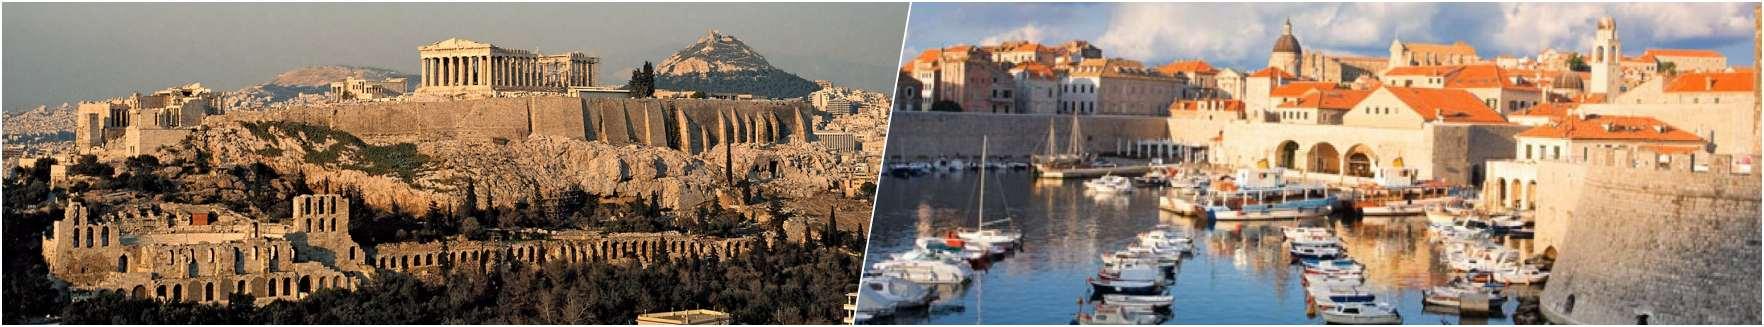 Athens Dubrovnik